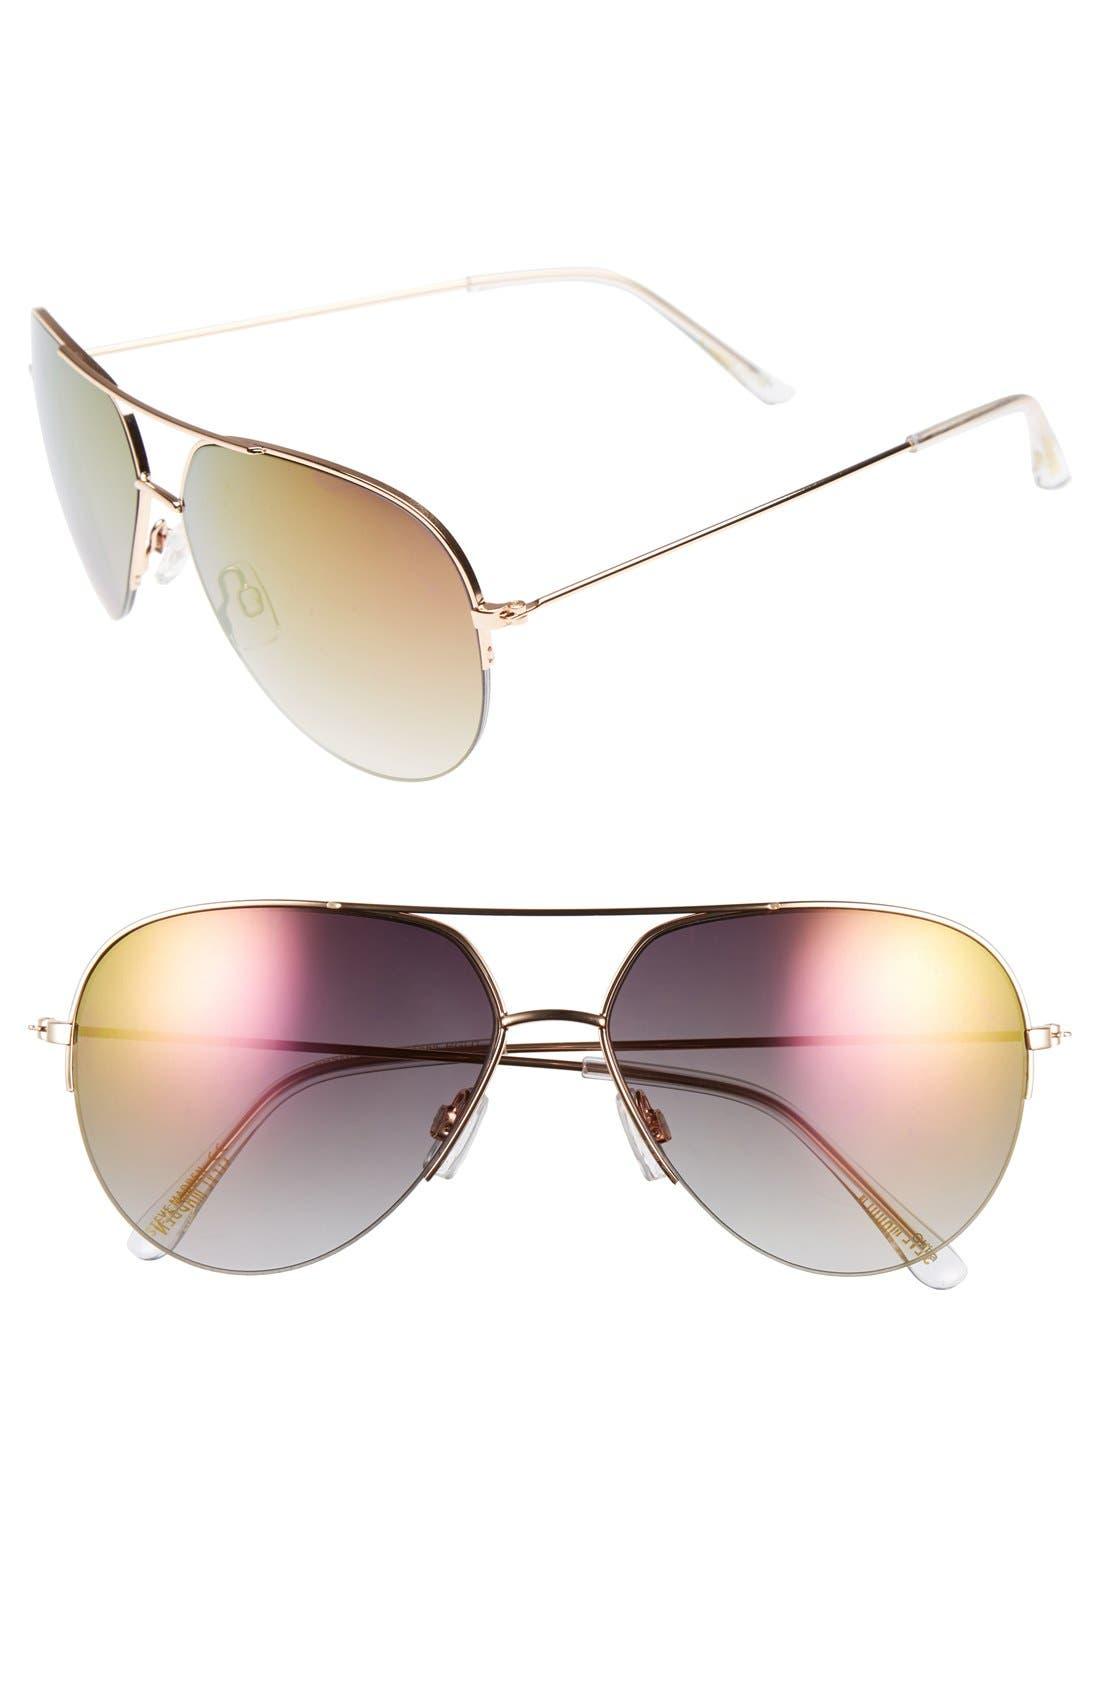 Main Image - Steve Madden Semi Rimless 60mm Mirrored Aviator Sunglasses